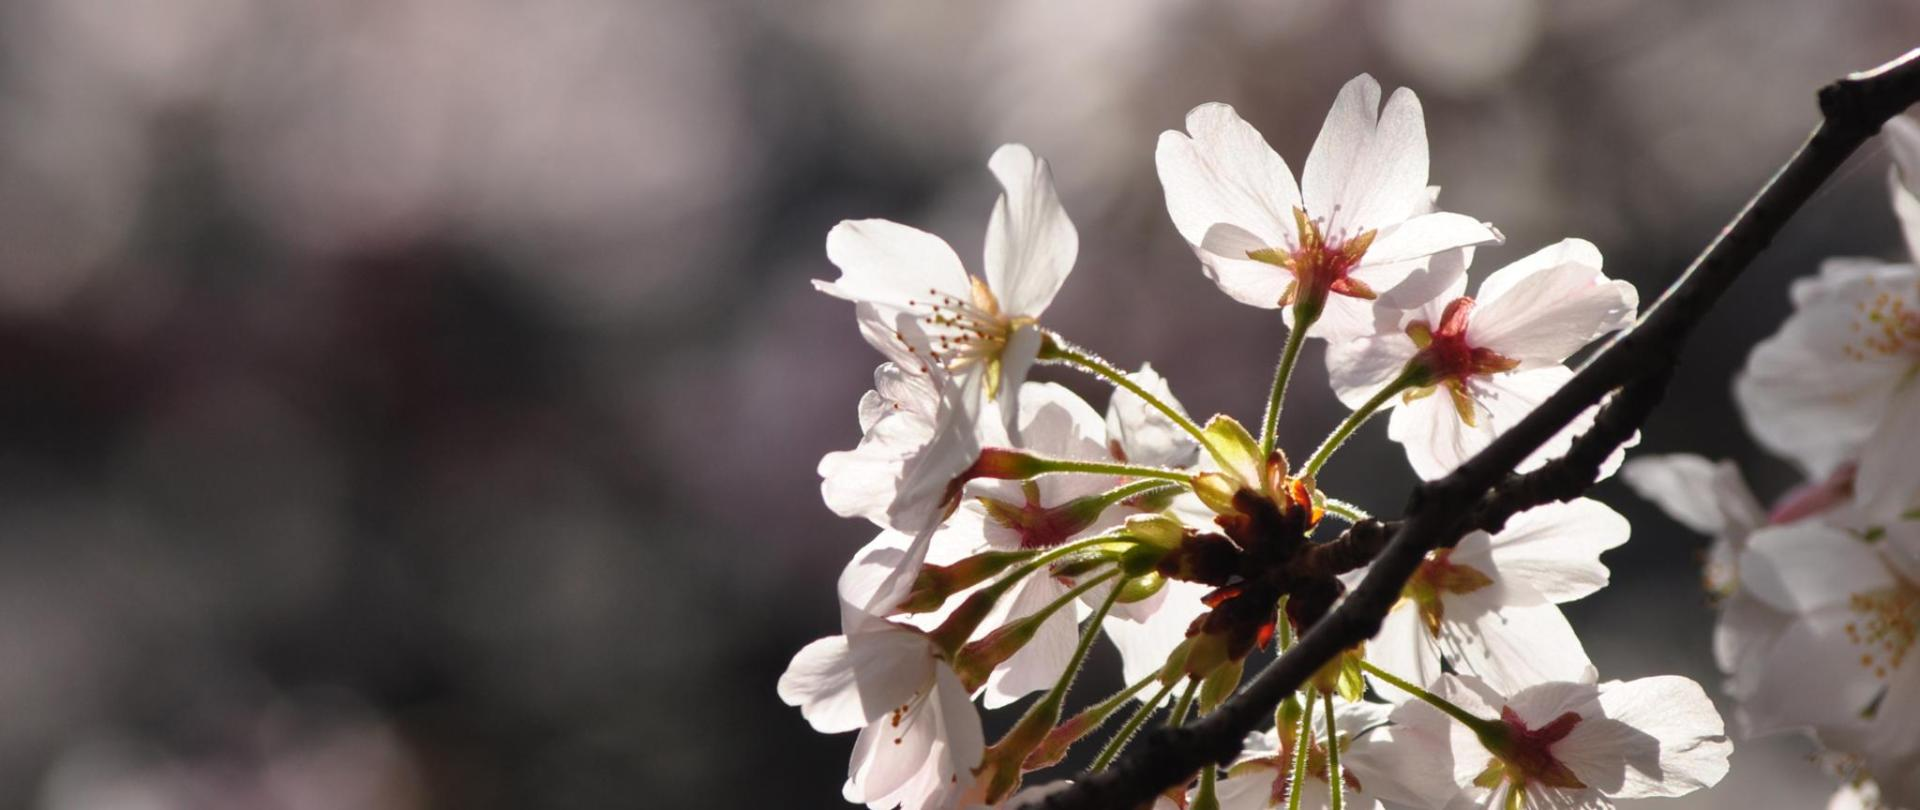 SakuraUP.jpg